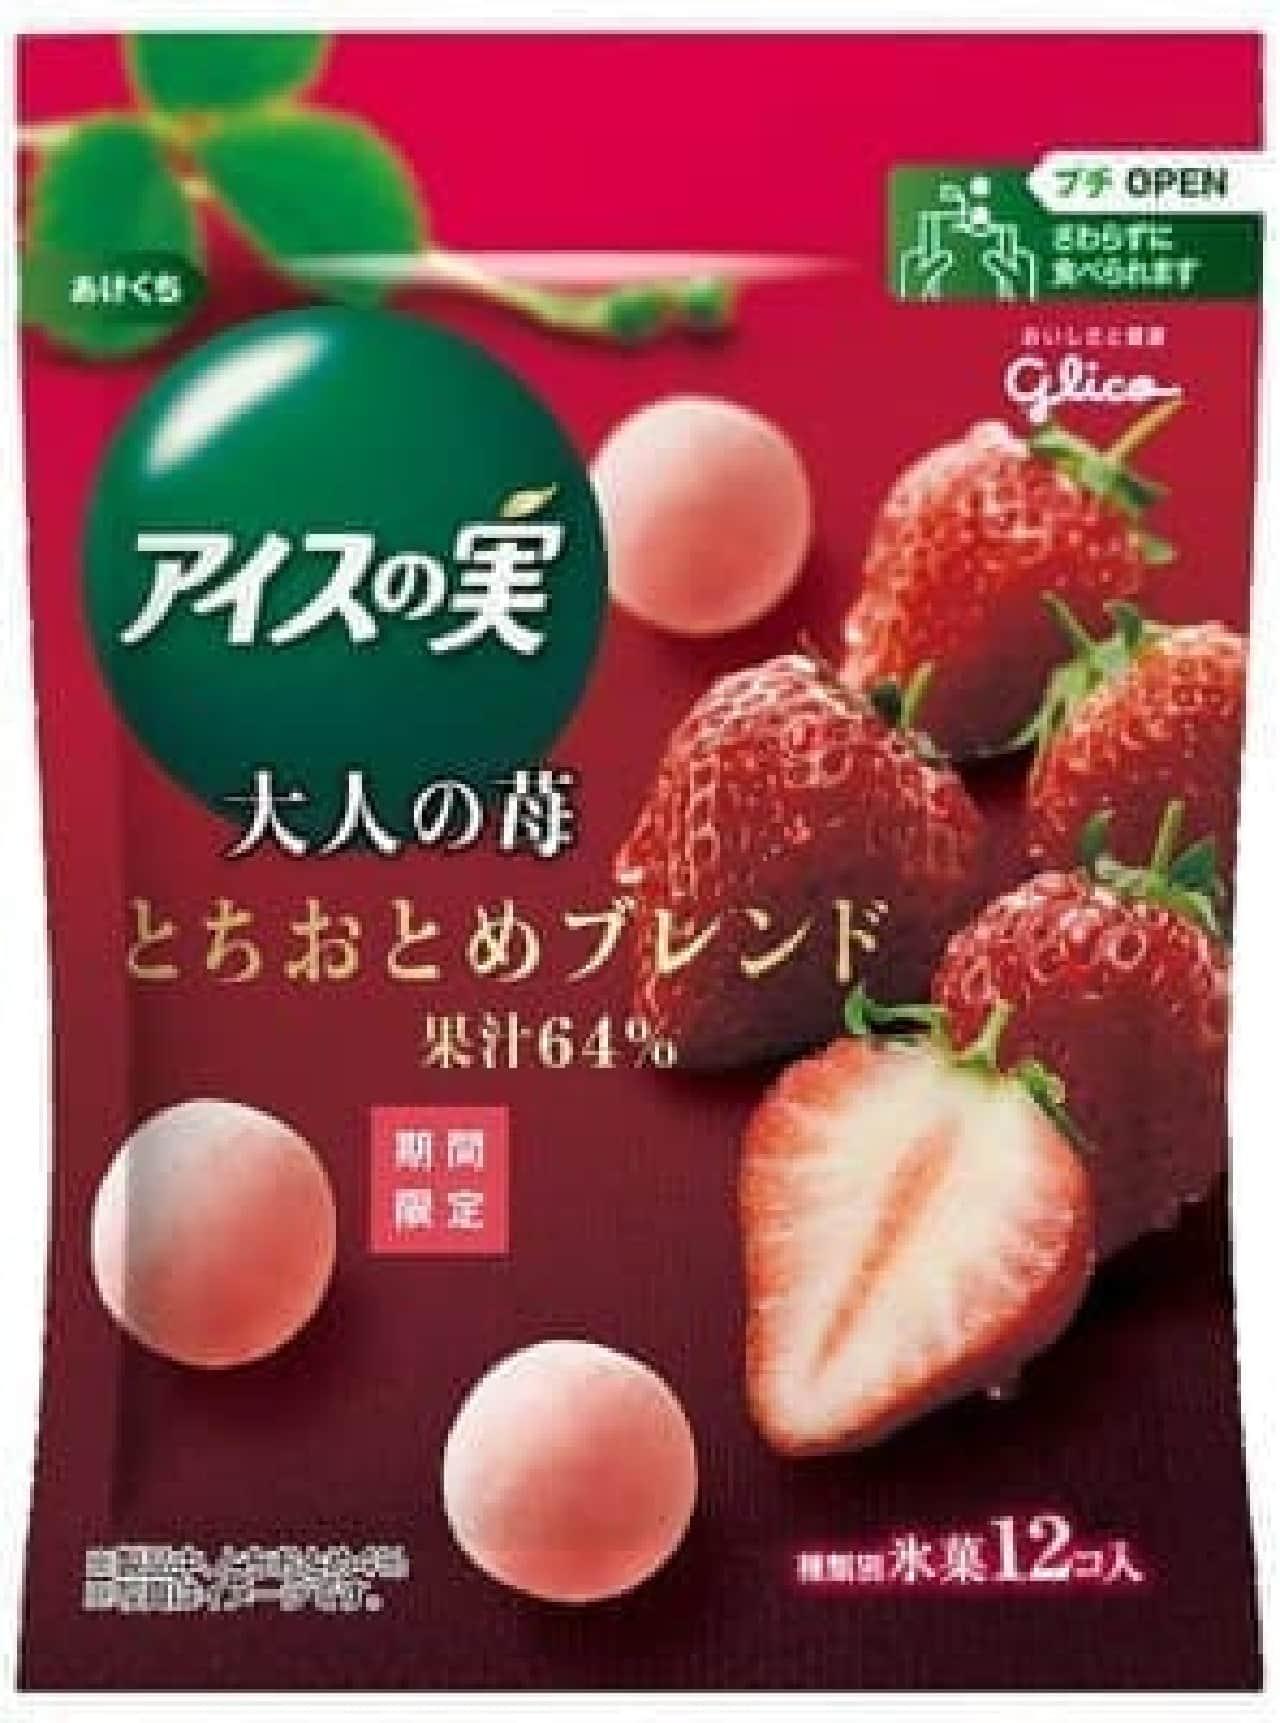 「アイスの実 大人の苺」